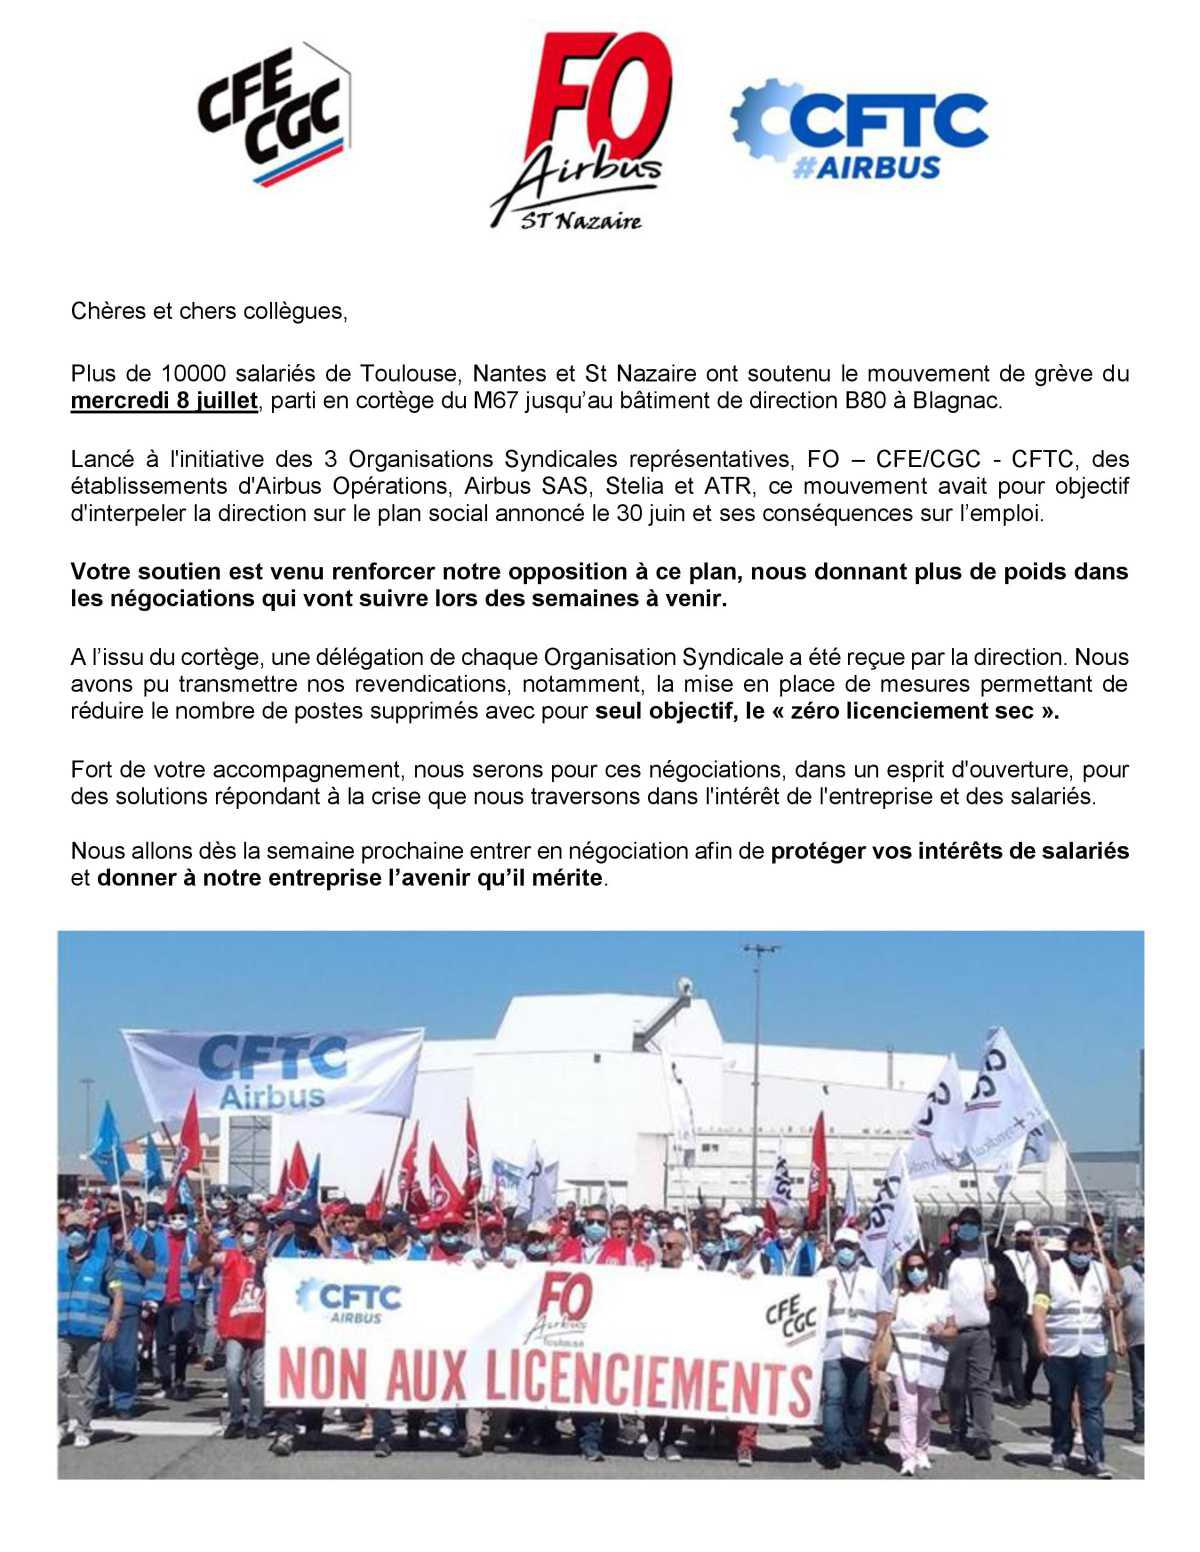 Mouvement grève du mercredi 8 juillet